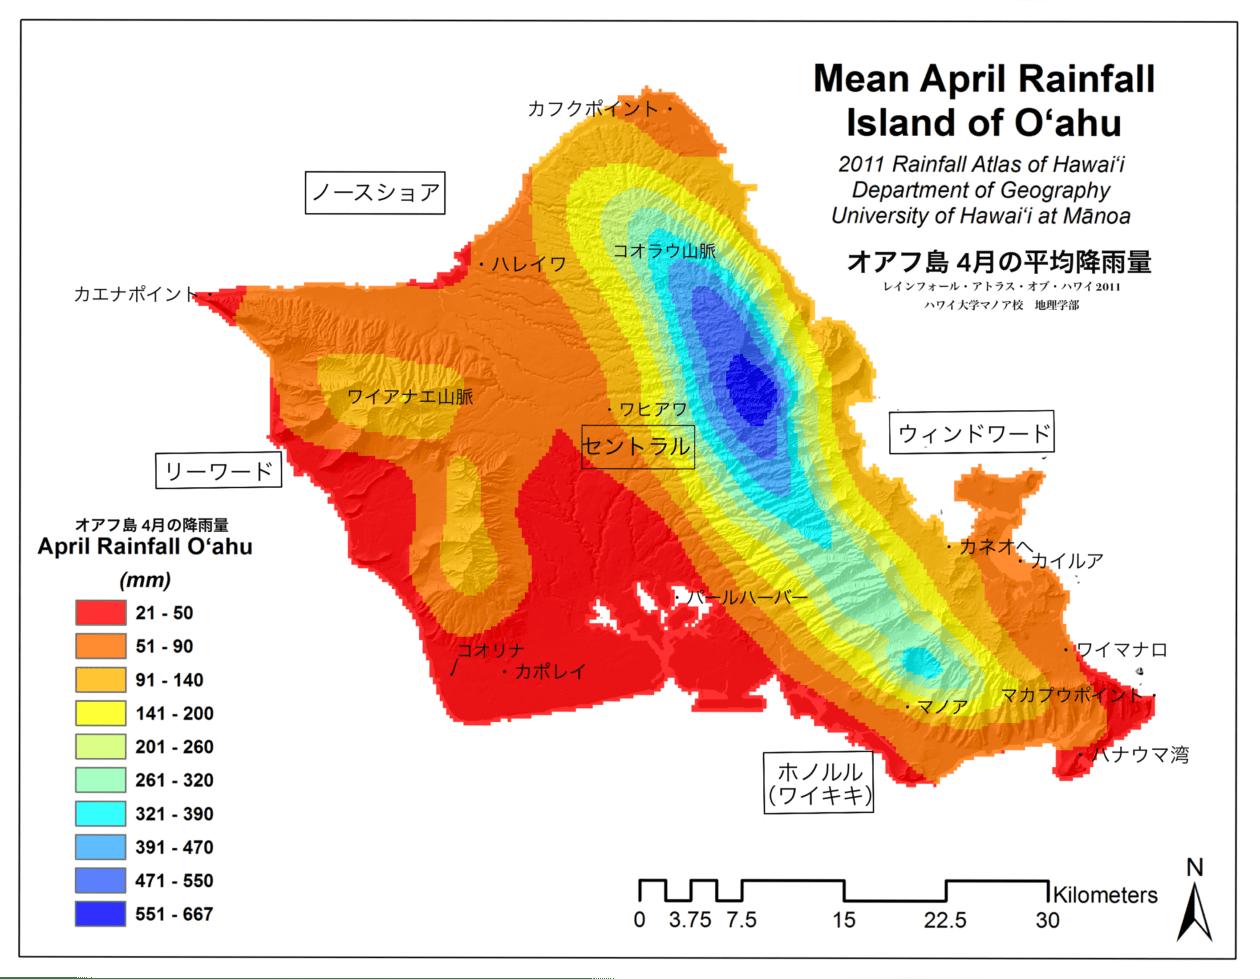 オアフ島 4月の平均降雨量